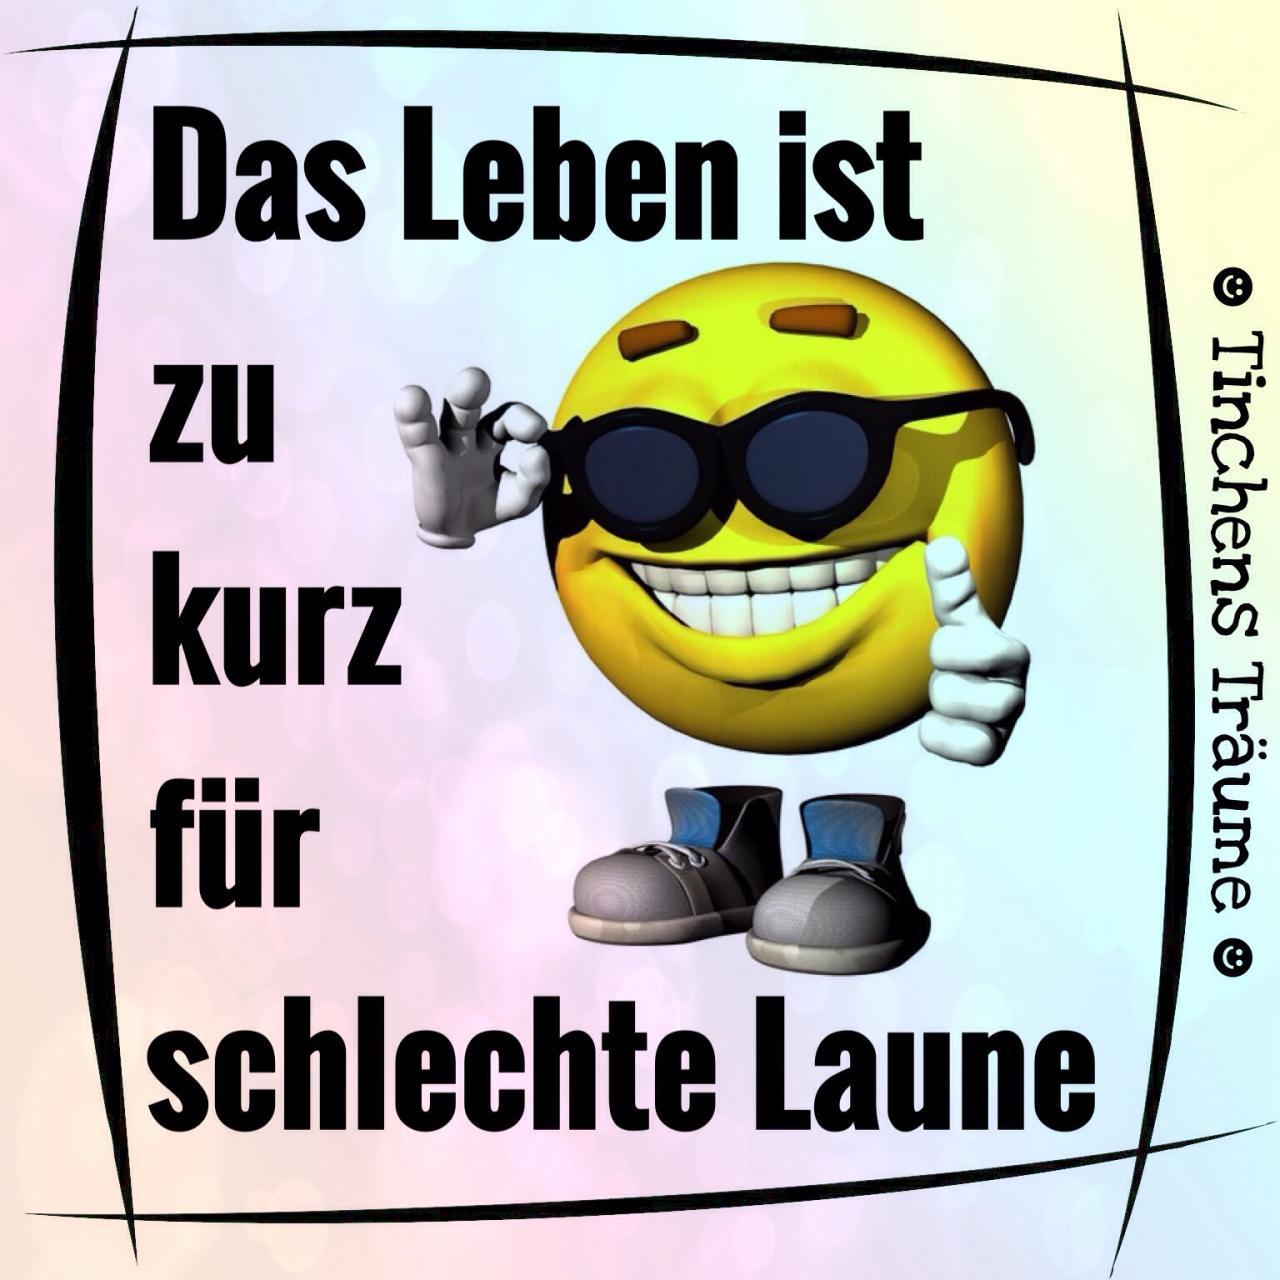 Image Result For Zitate Leben Instagram